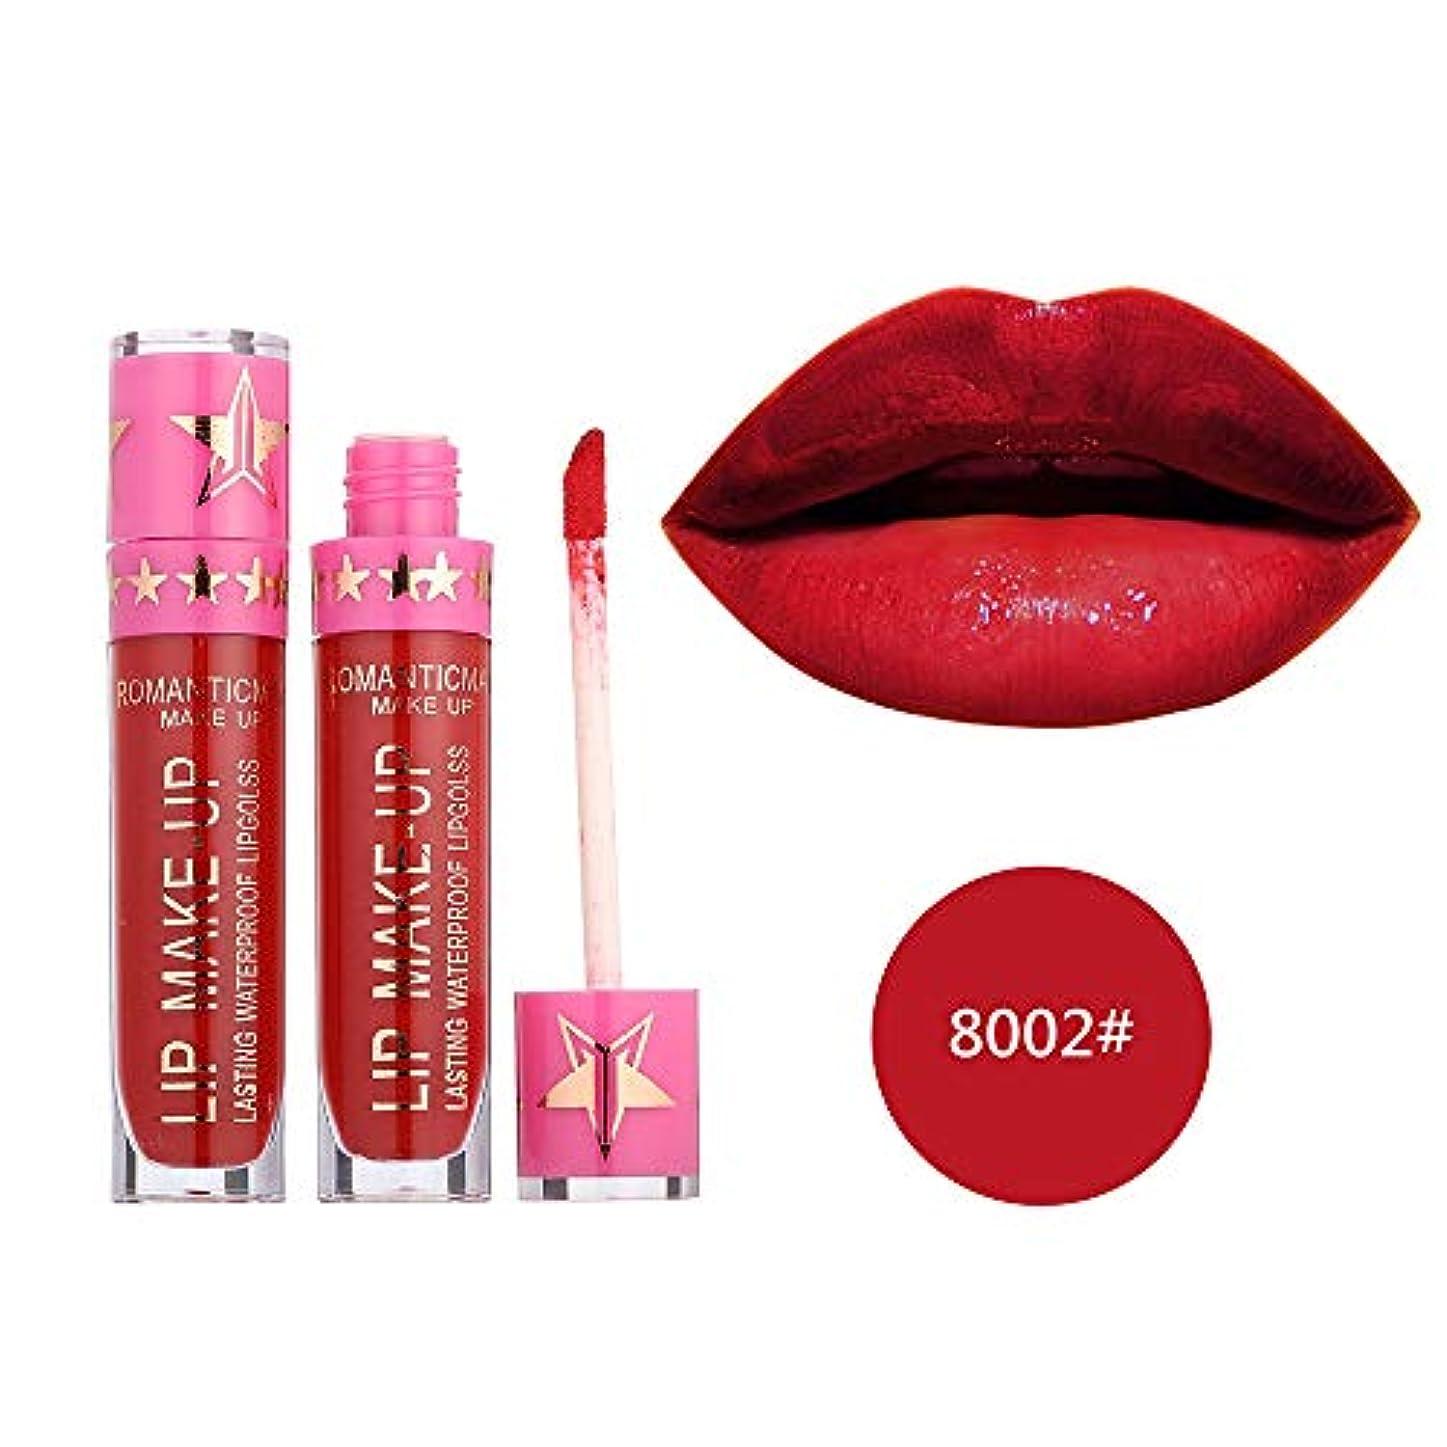 たっぷり統計出くわす口紅 リップグレーズ つや消し リキッド リップスティック 液体 ロマンチック リップバーム 防水 長続き リップクリーム 化粧品 美容 メイクギフト リップラインの色を鮮やかに描くルージュhuajuan (B)